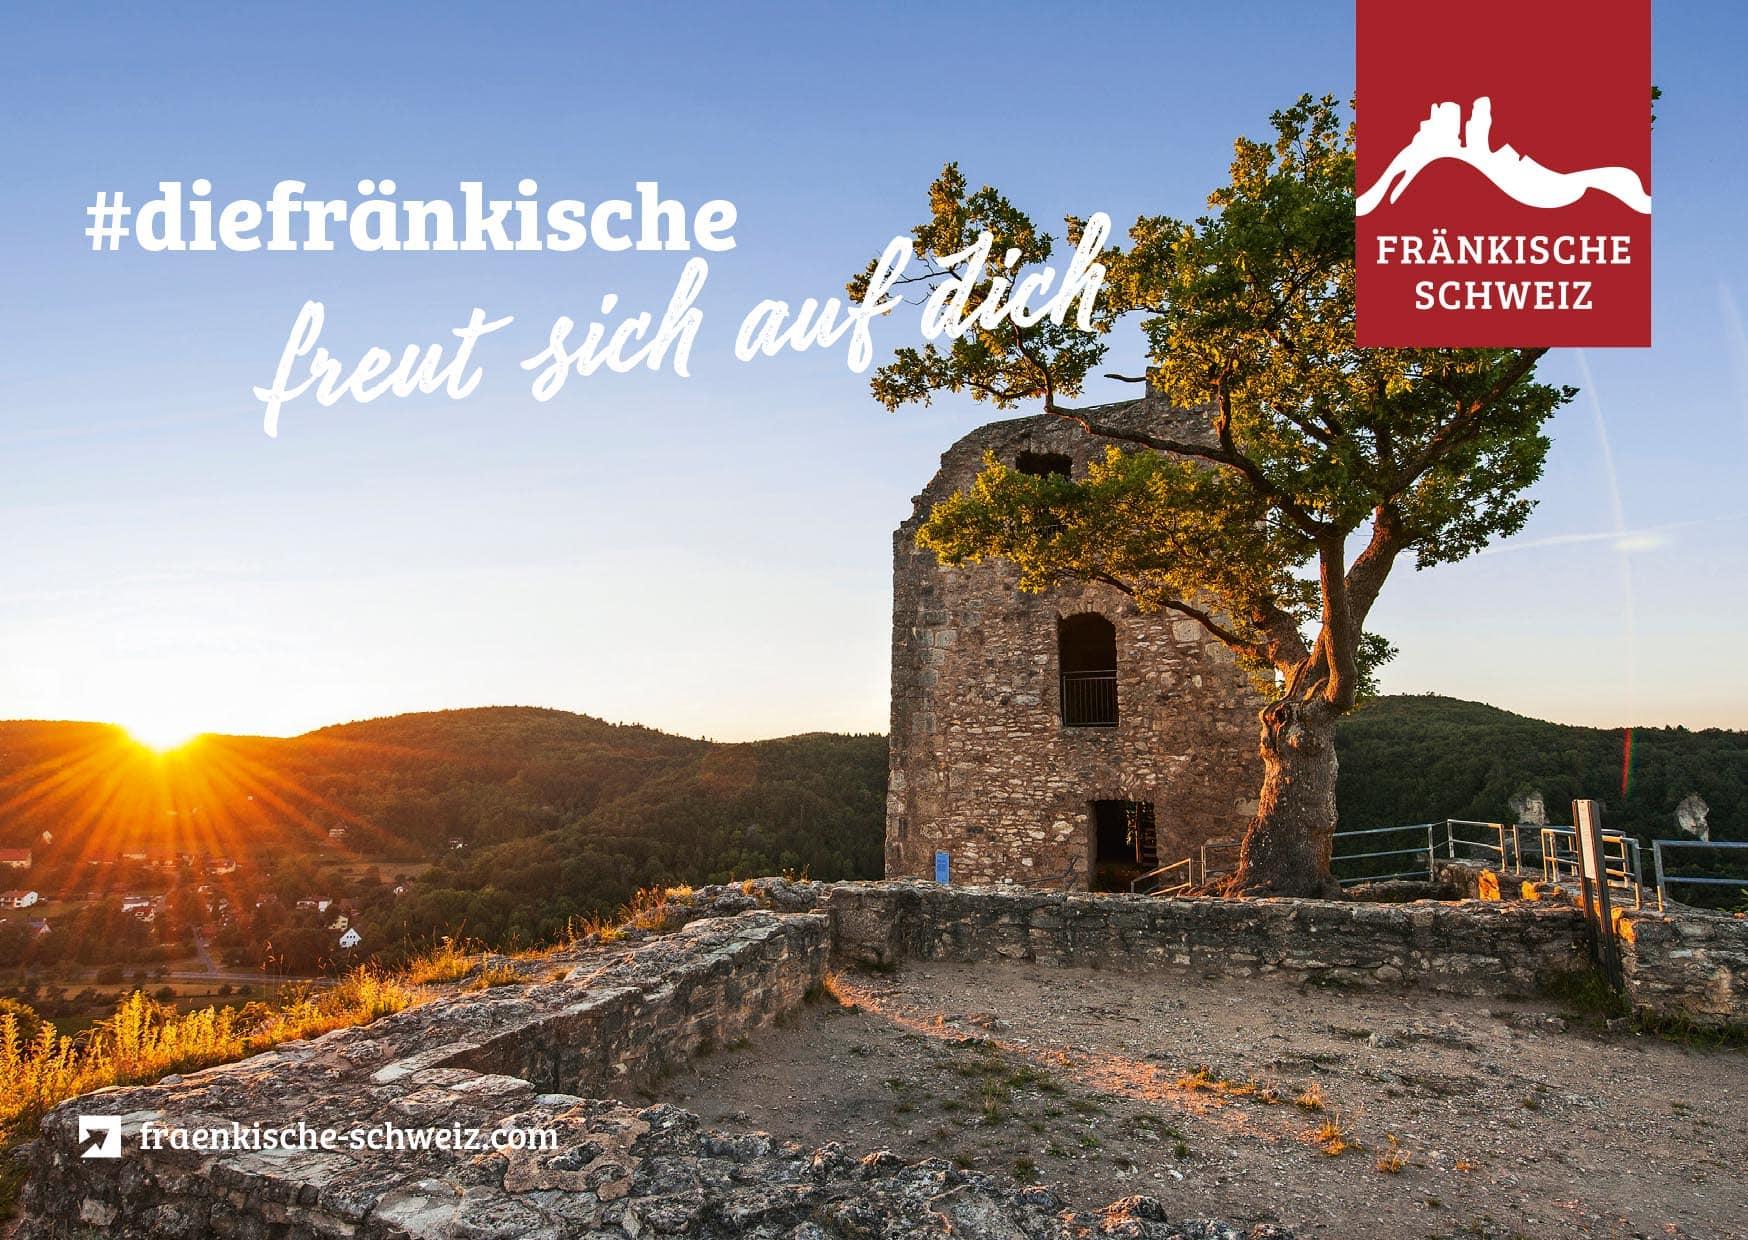 Urlaub in der Fränkischen Schweiz Idyllisch gelegen im Herzen der beliebten Urlaubsregion Franken